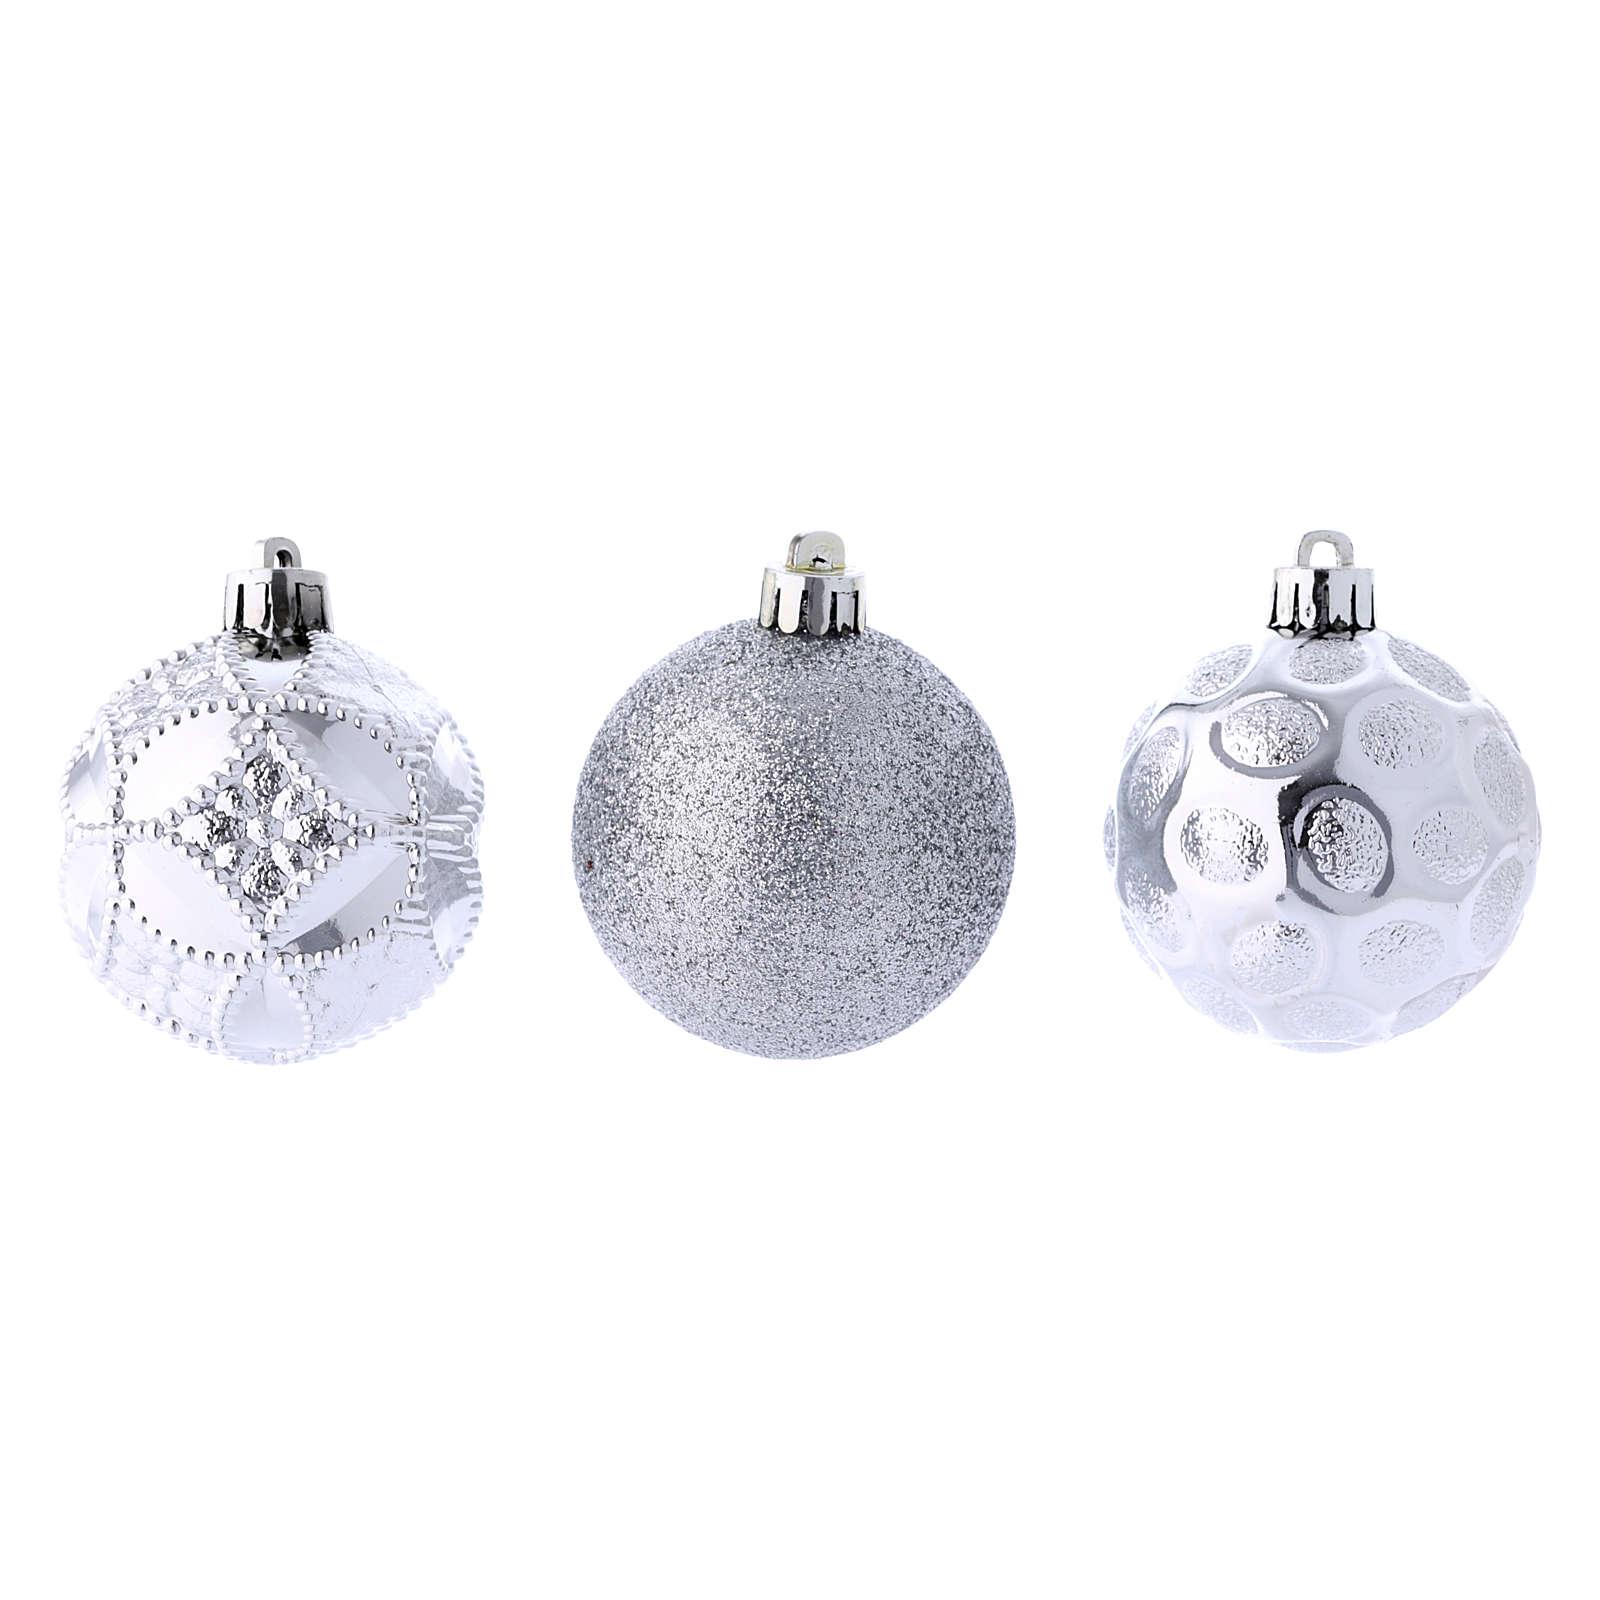 Boules Sapin Noël argent 60 mm (vendu par 12) 4